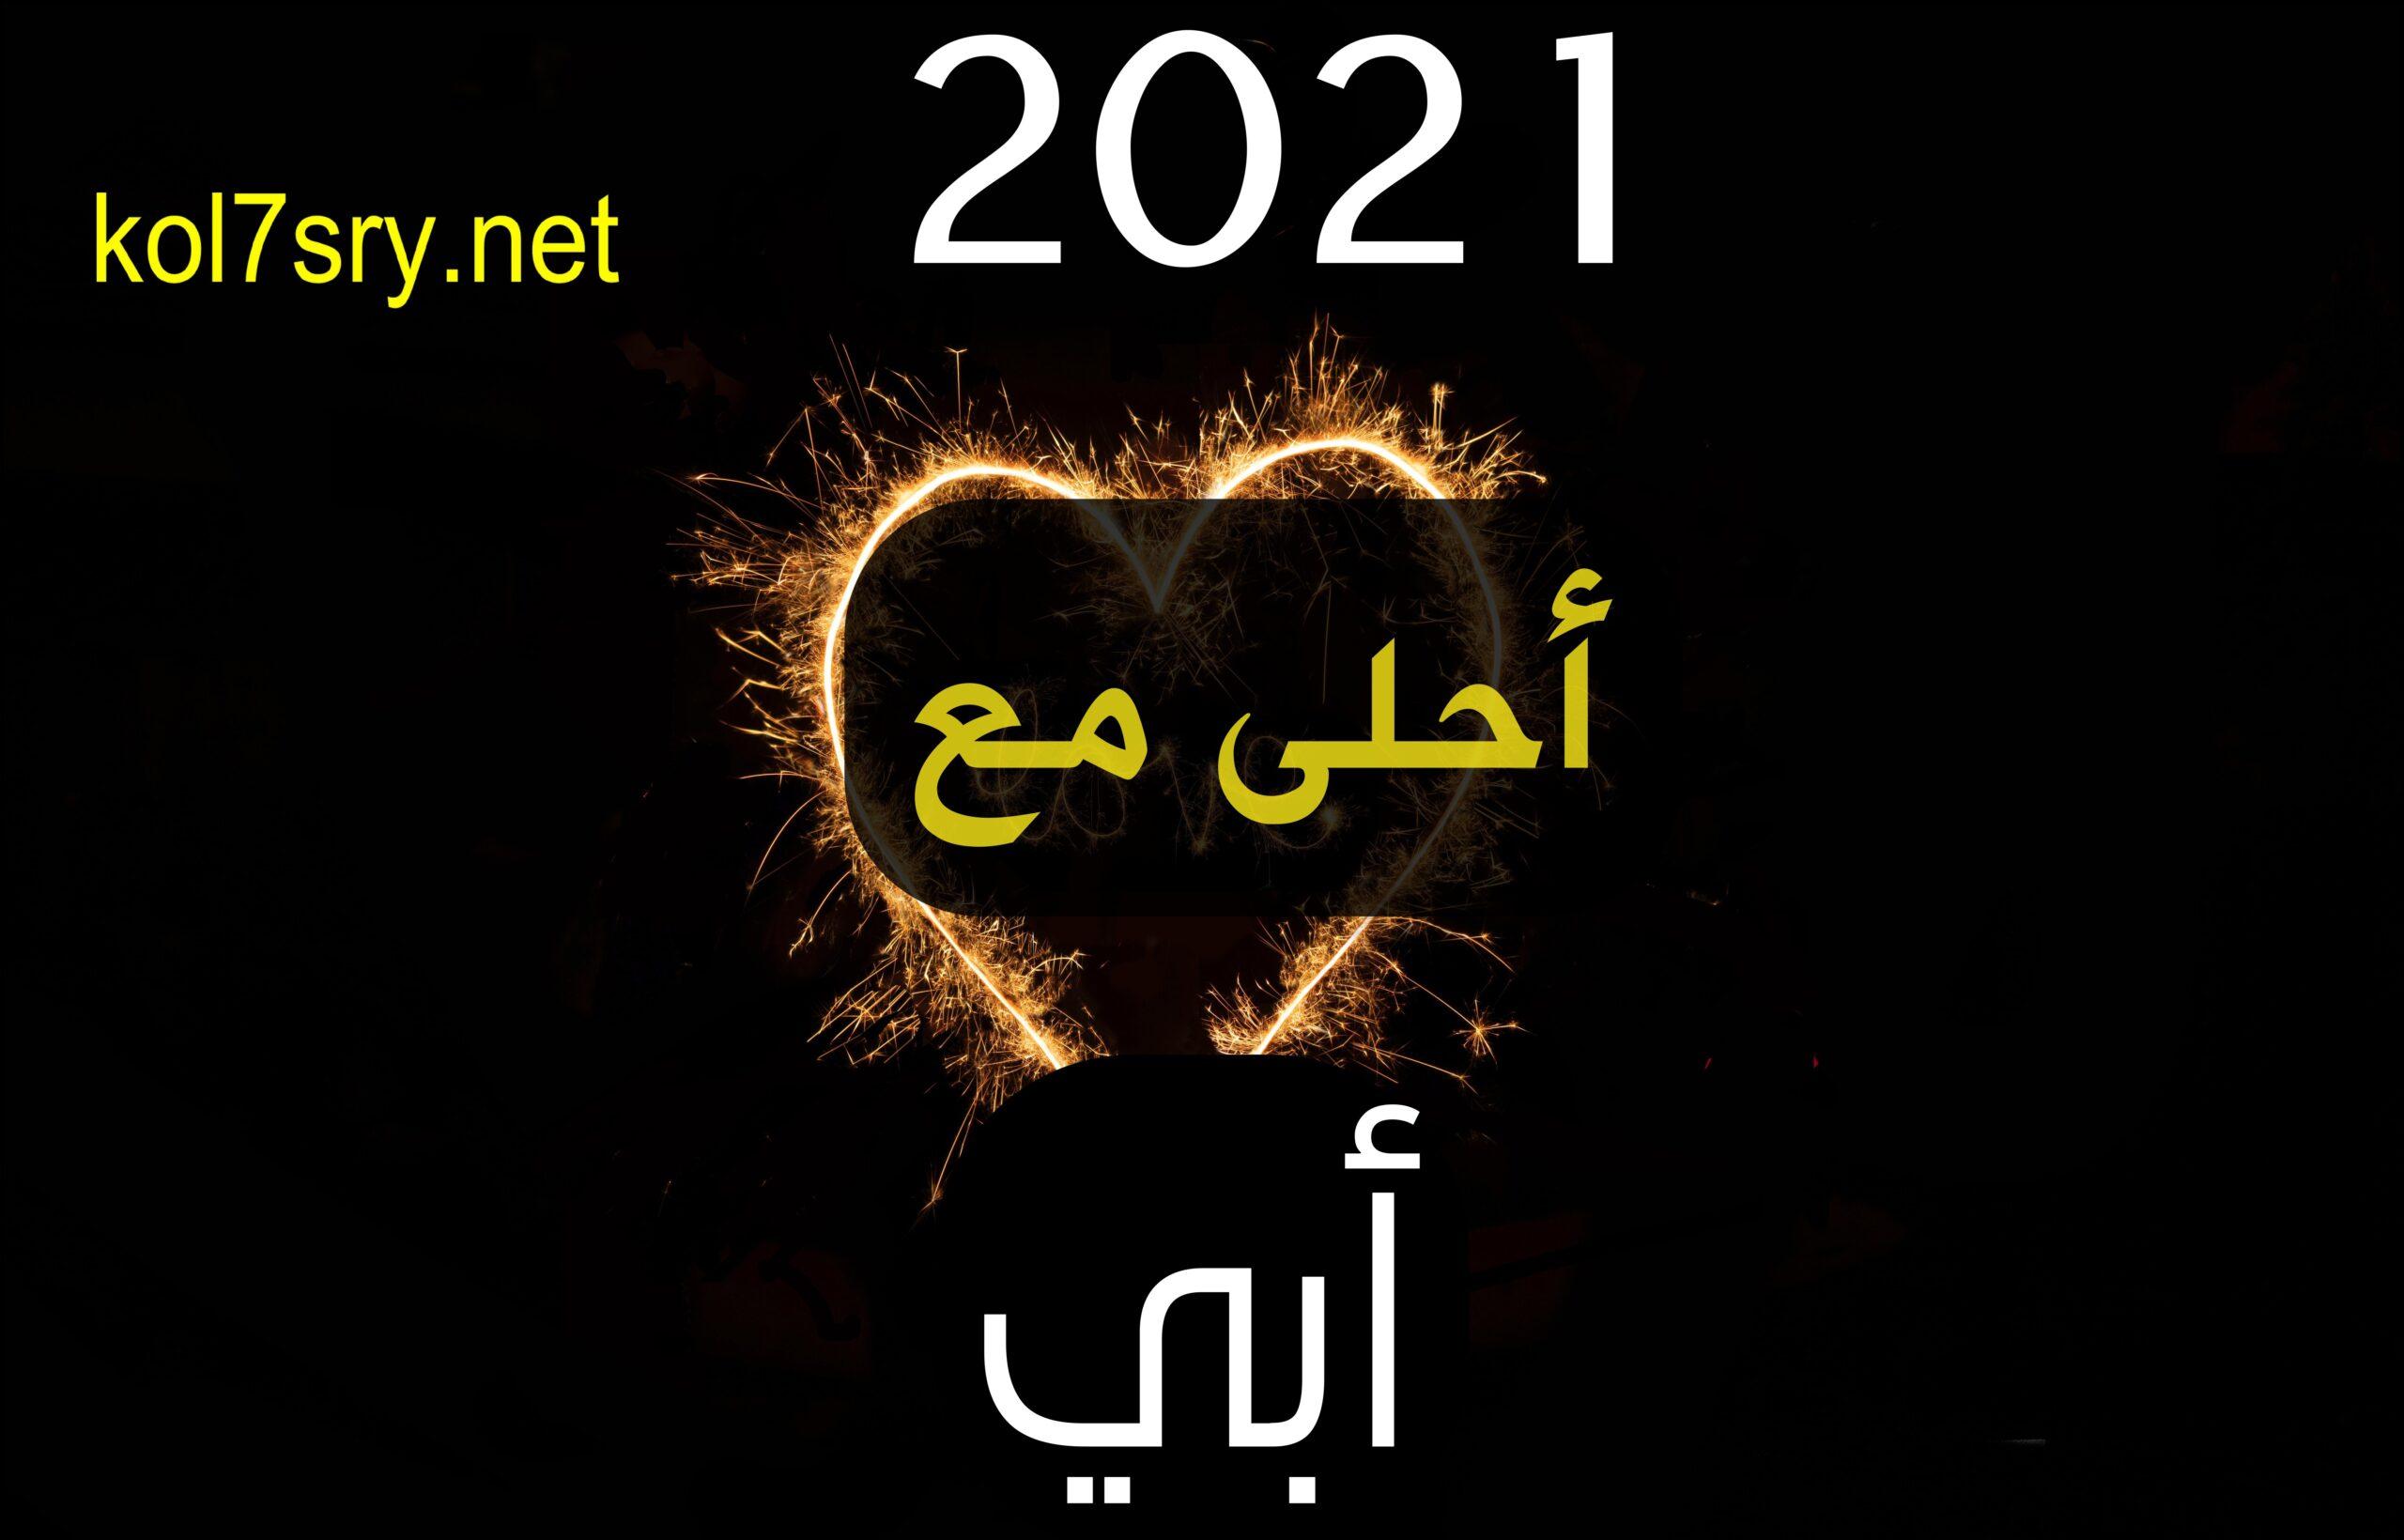 2021 أحلى مع اسمك أجمل 40 صورة HD لعام 2021 احلى مع مجانا اطلب التصميم بالتعليقات 10